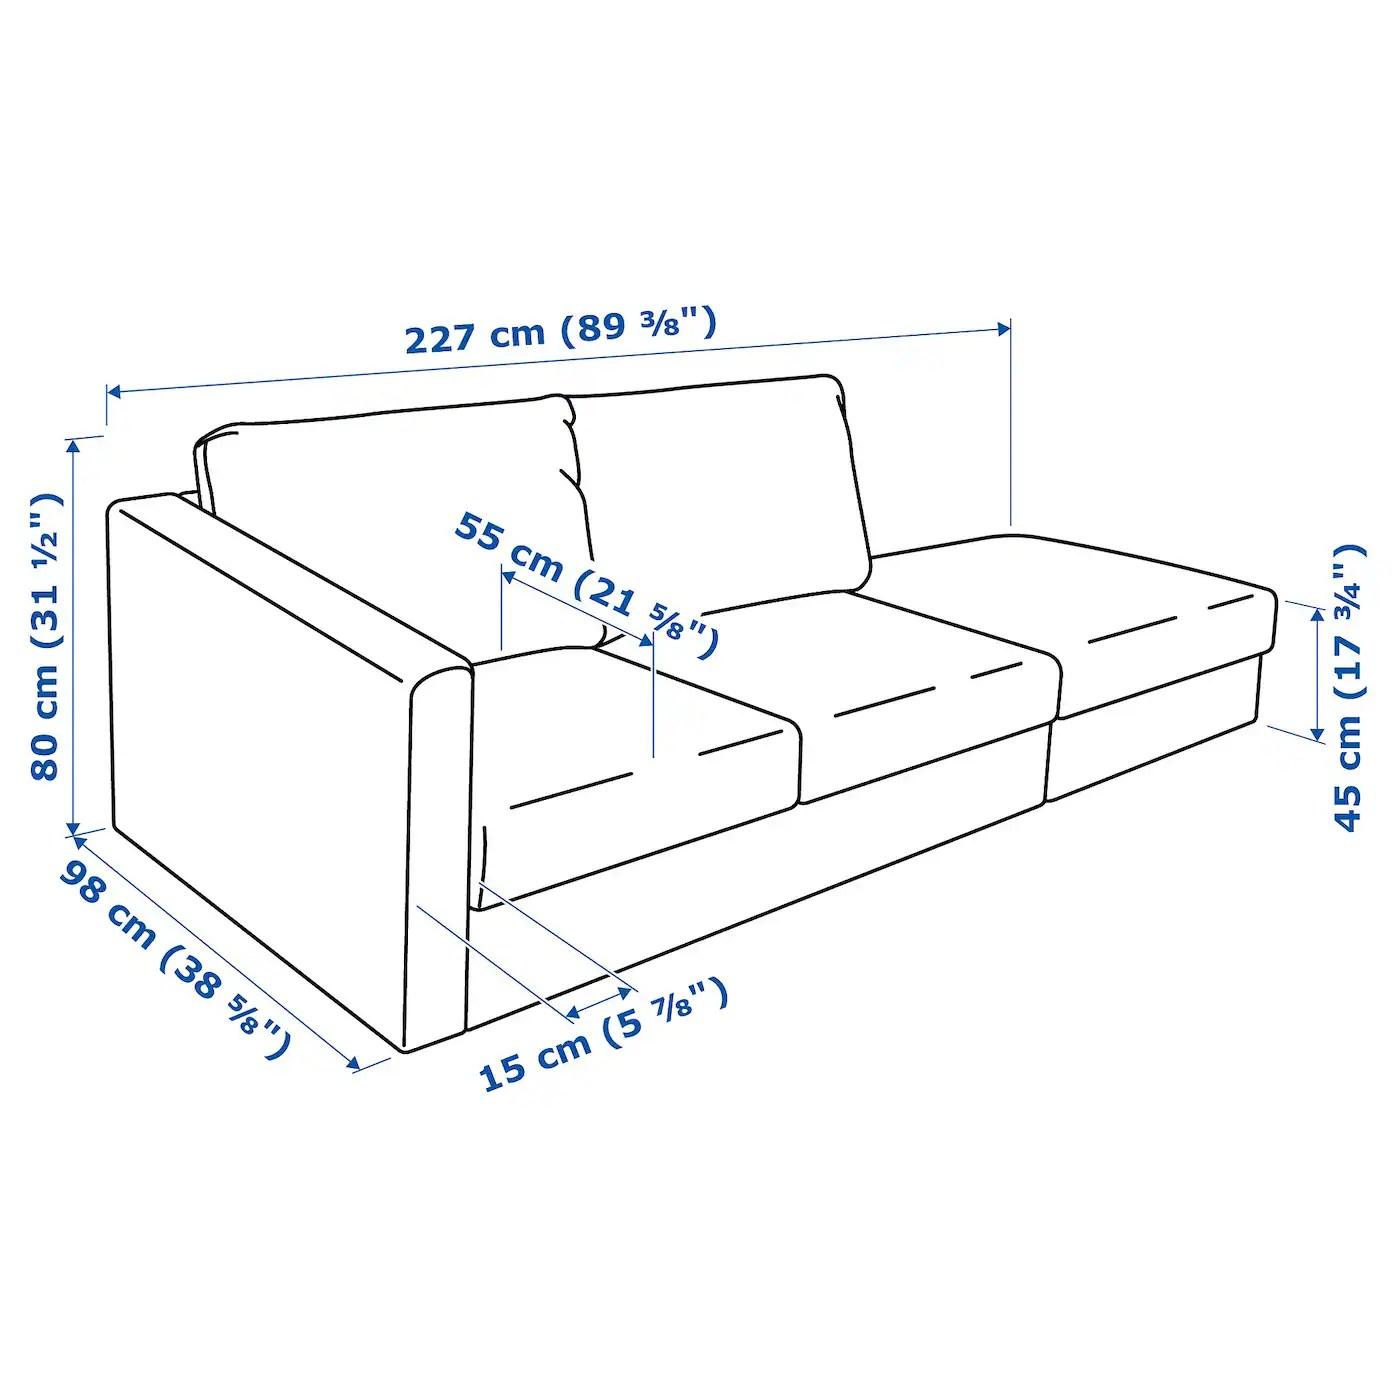 Vimle 3 Seat Sofa With Open End Farsta Black